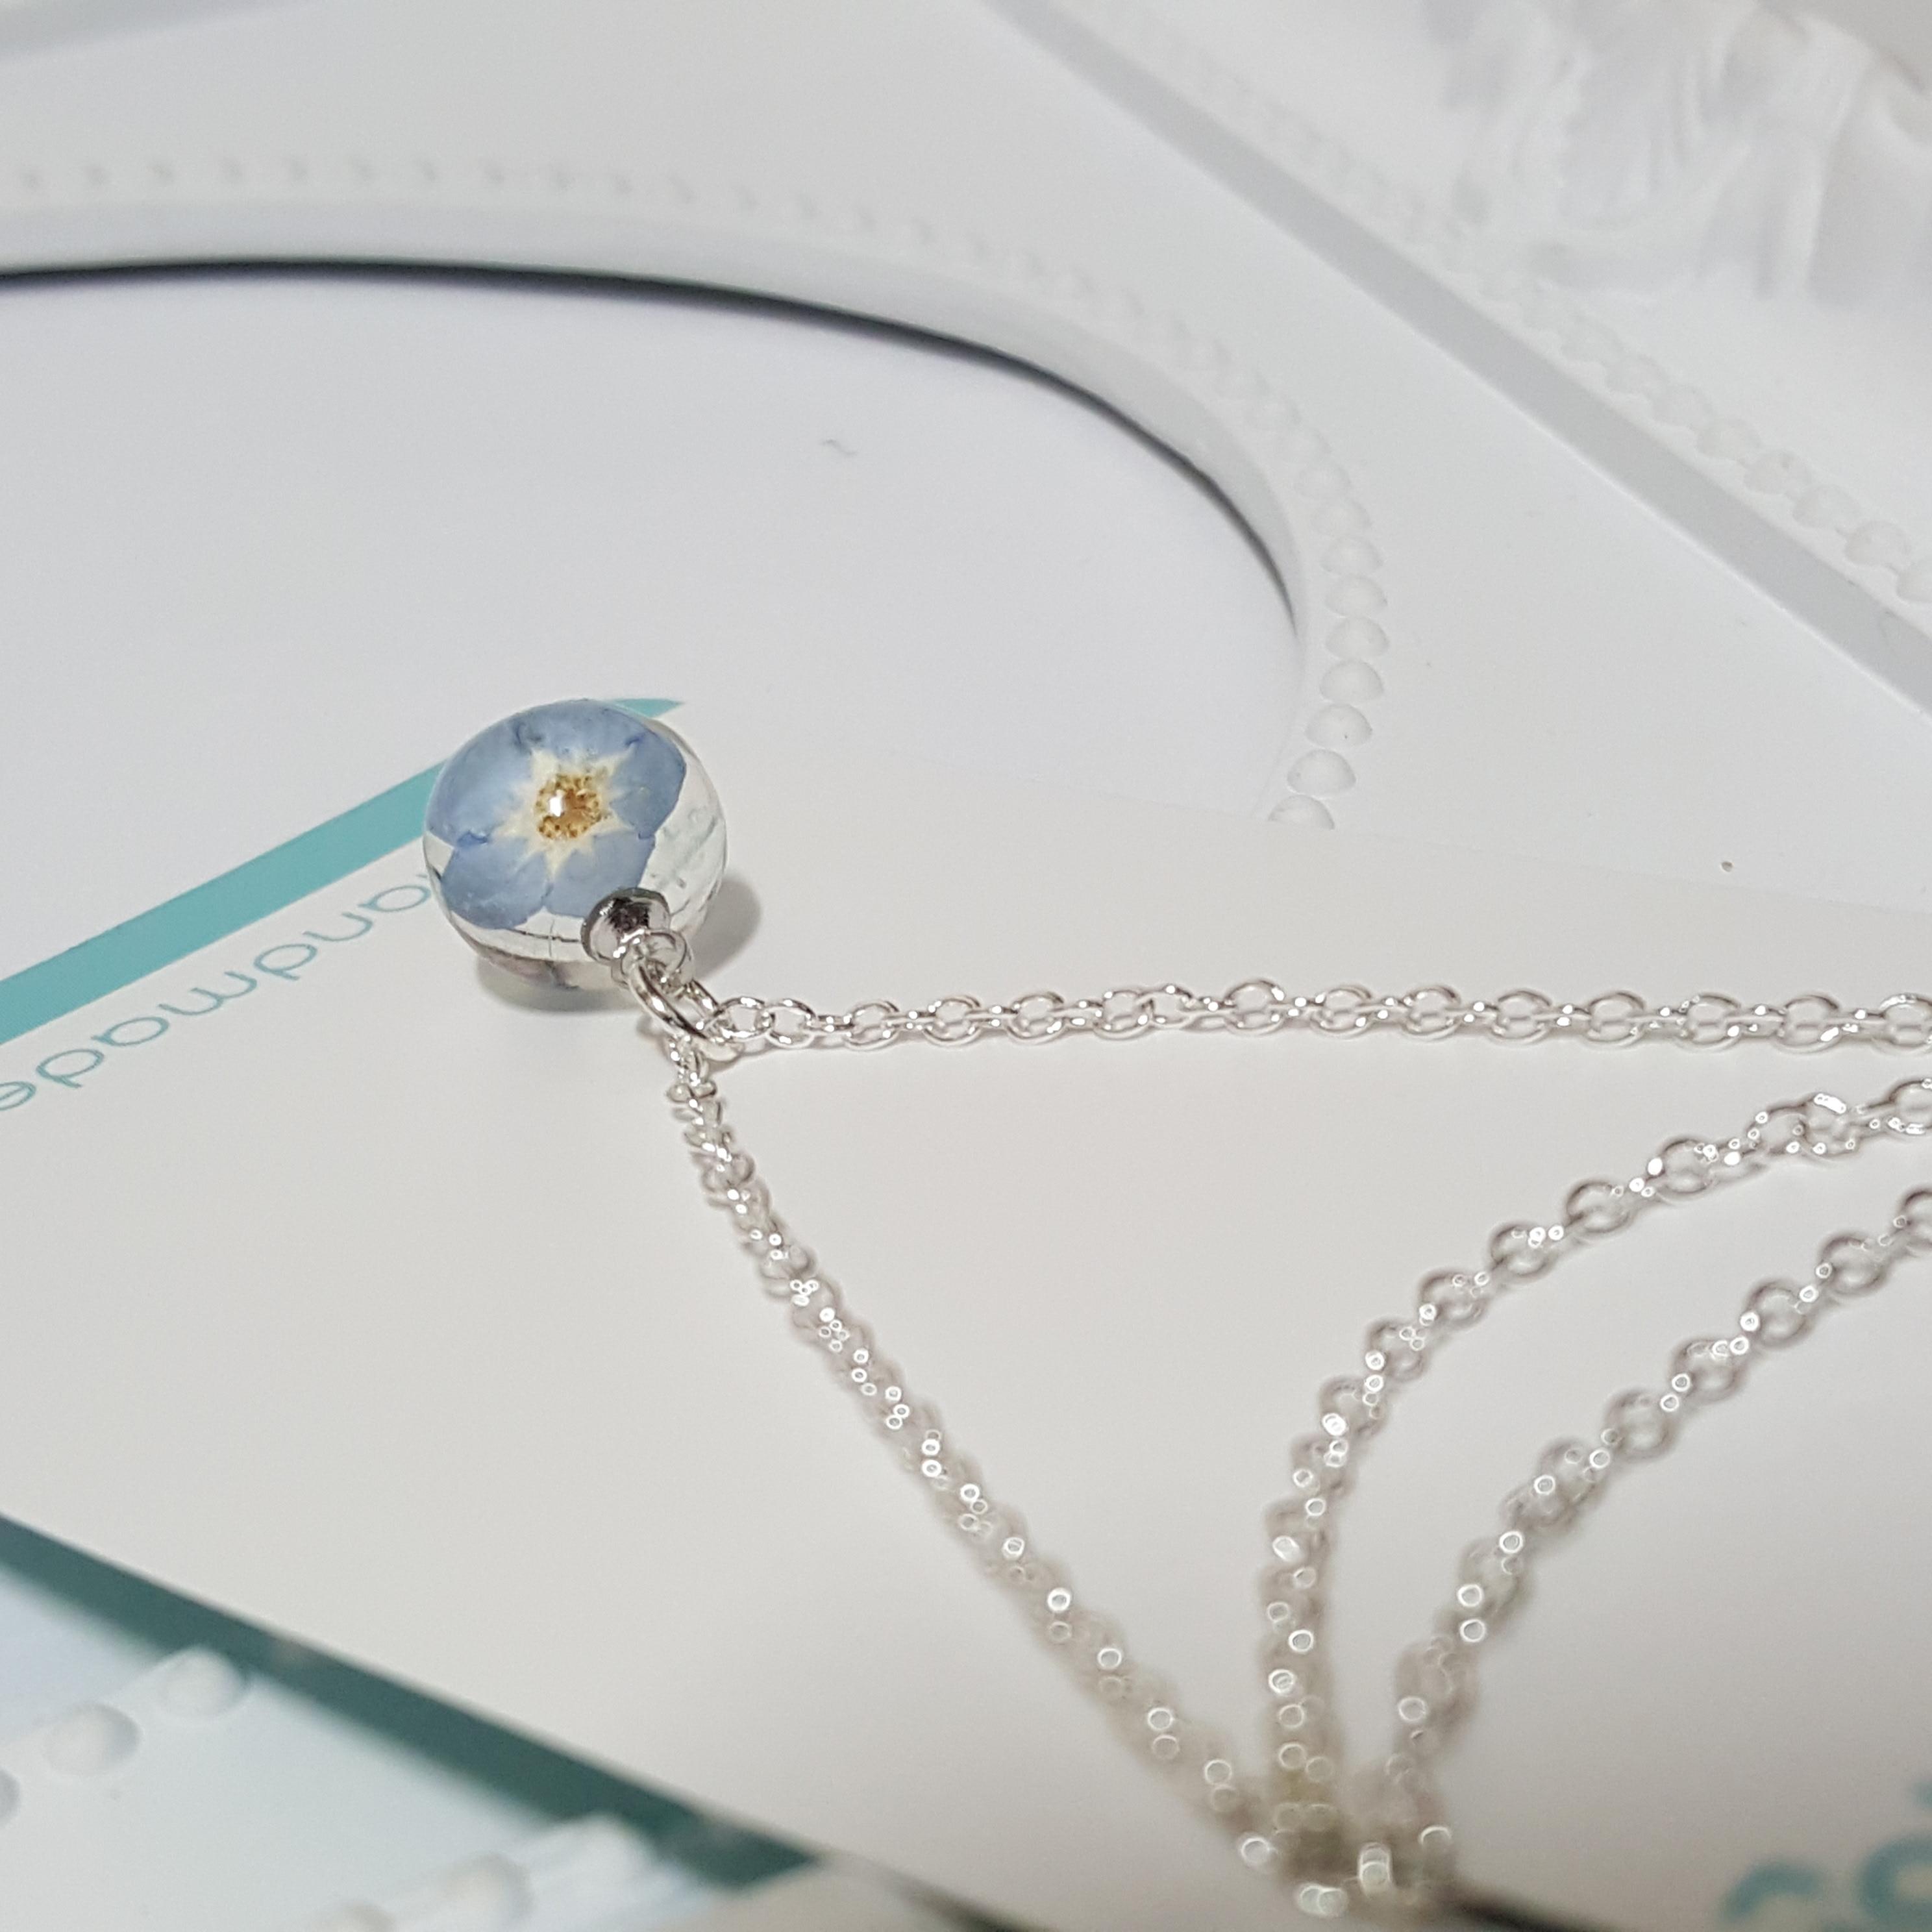 물망초 생화 레진공예목걸이 - 에를리안, 16,900원, 패션, 패션목걸이